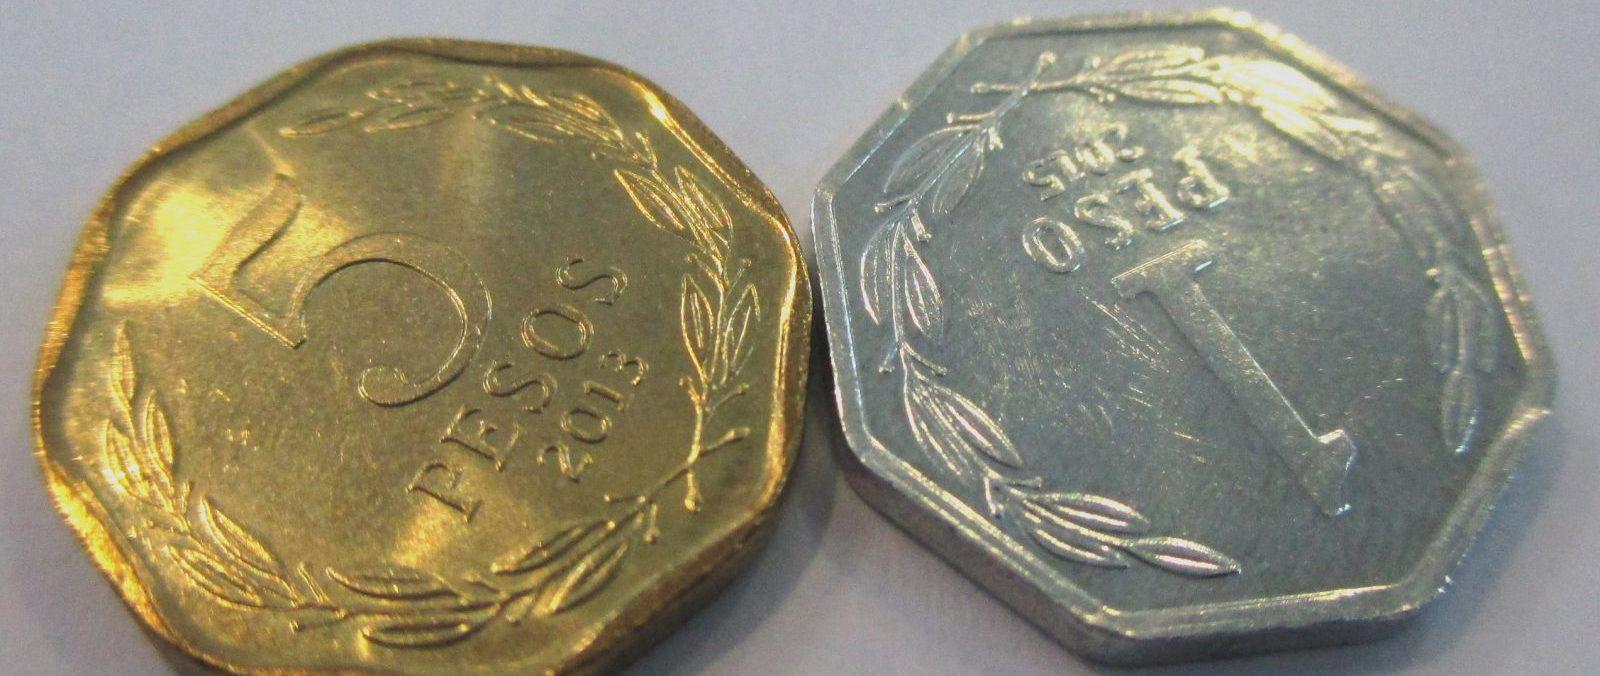 monedas_de_1_y_5_pesos_02